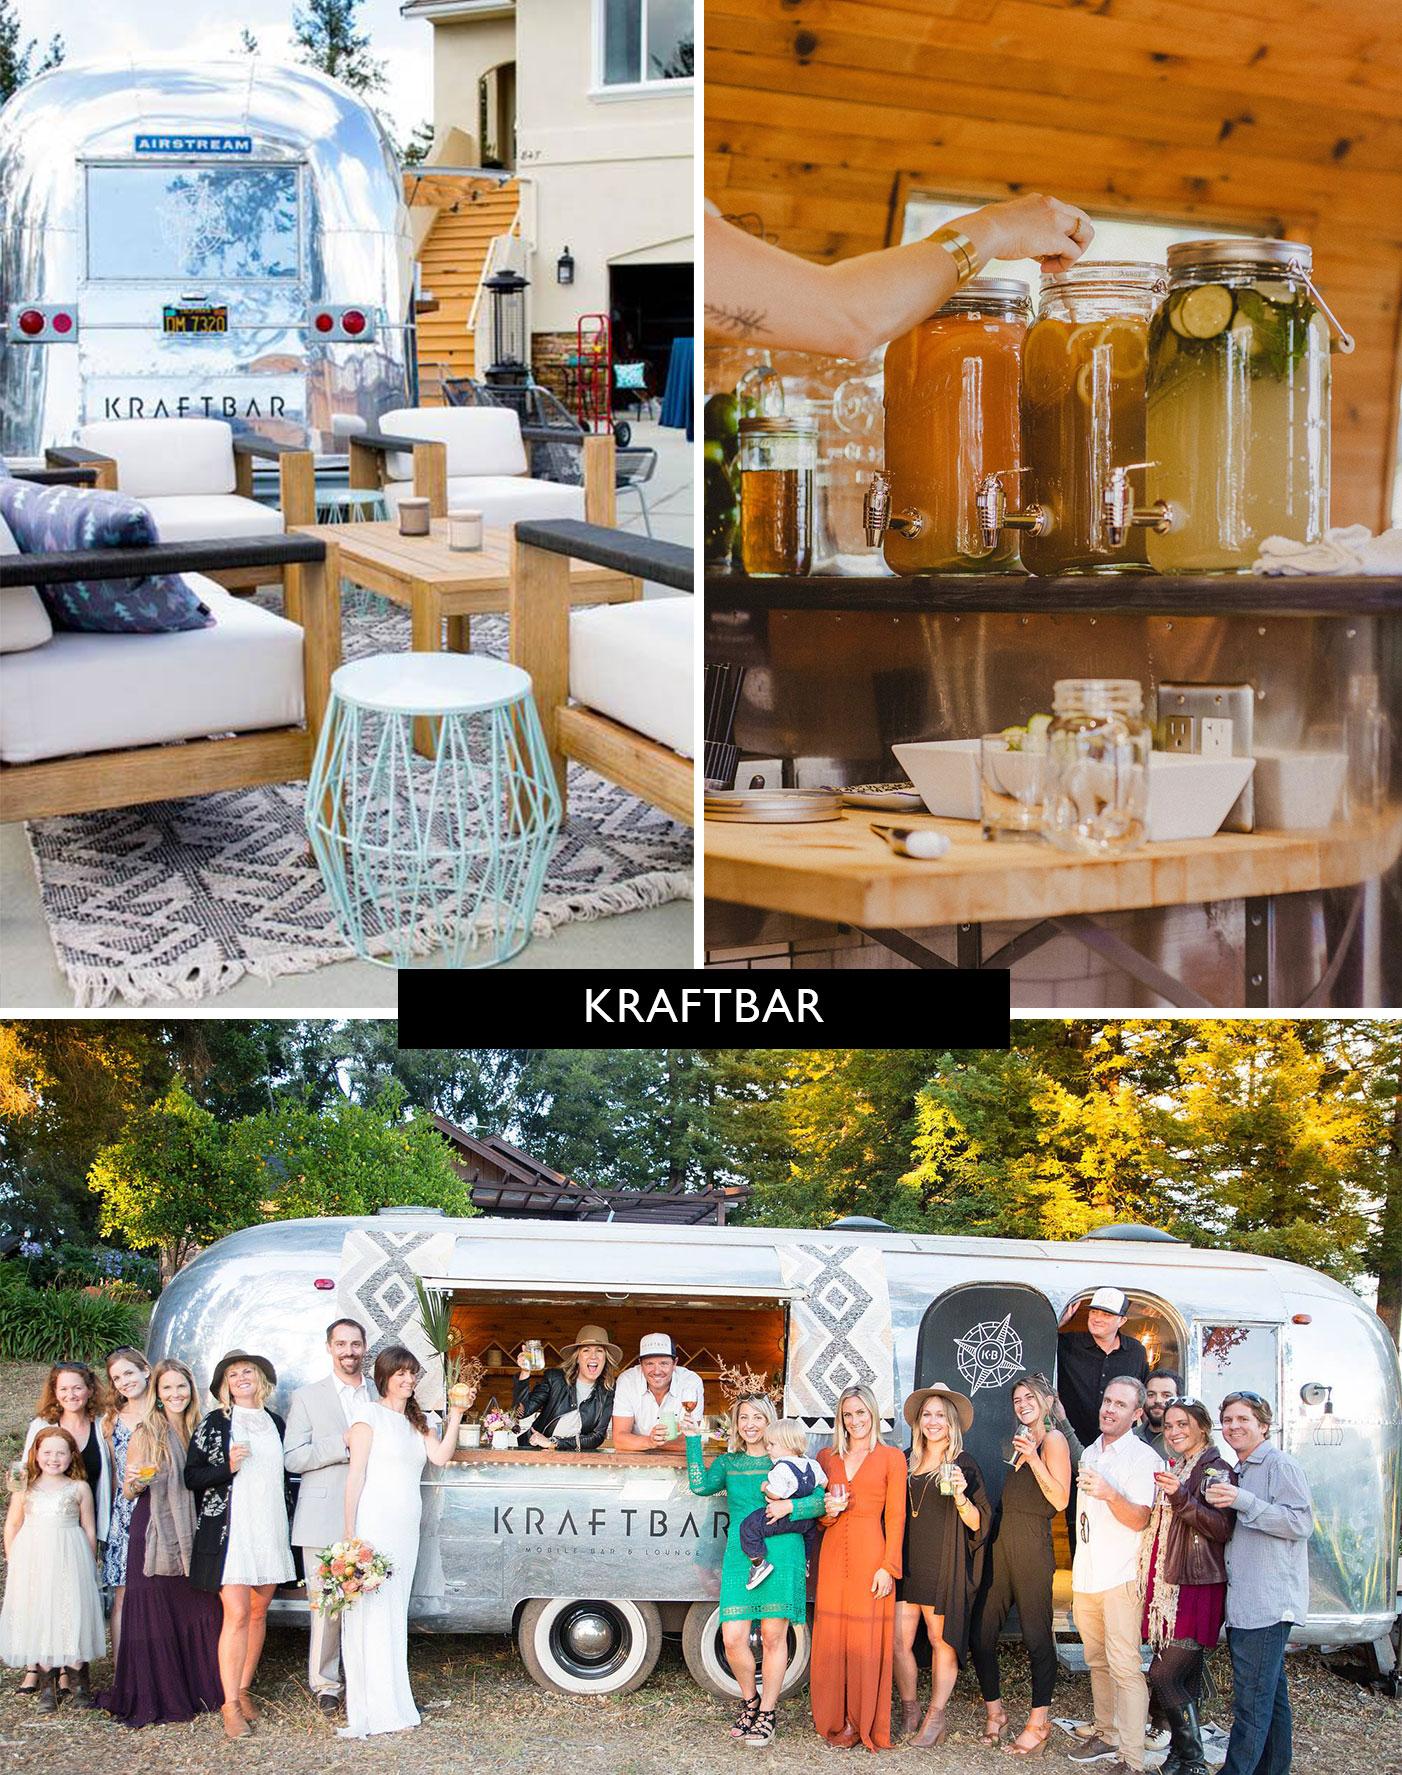 Kraftbar Mobile Bar